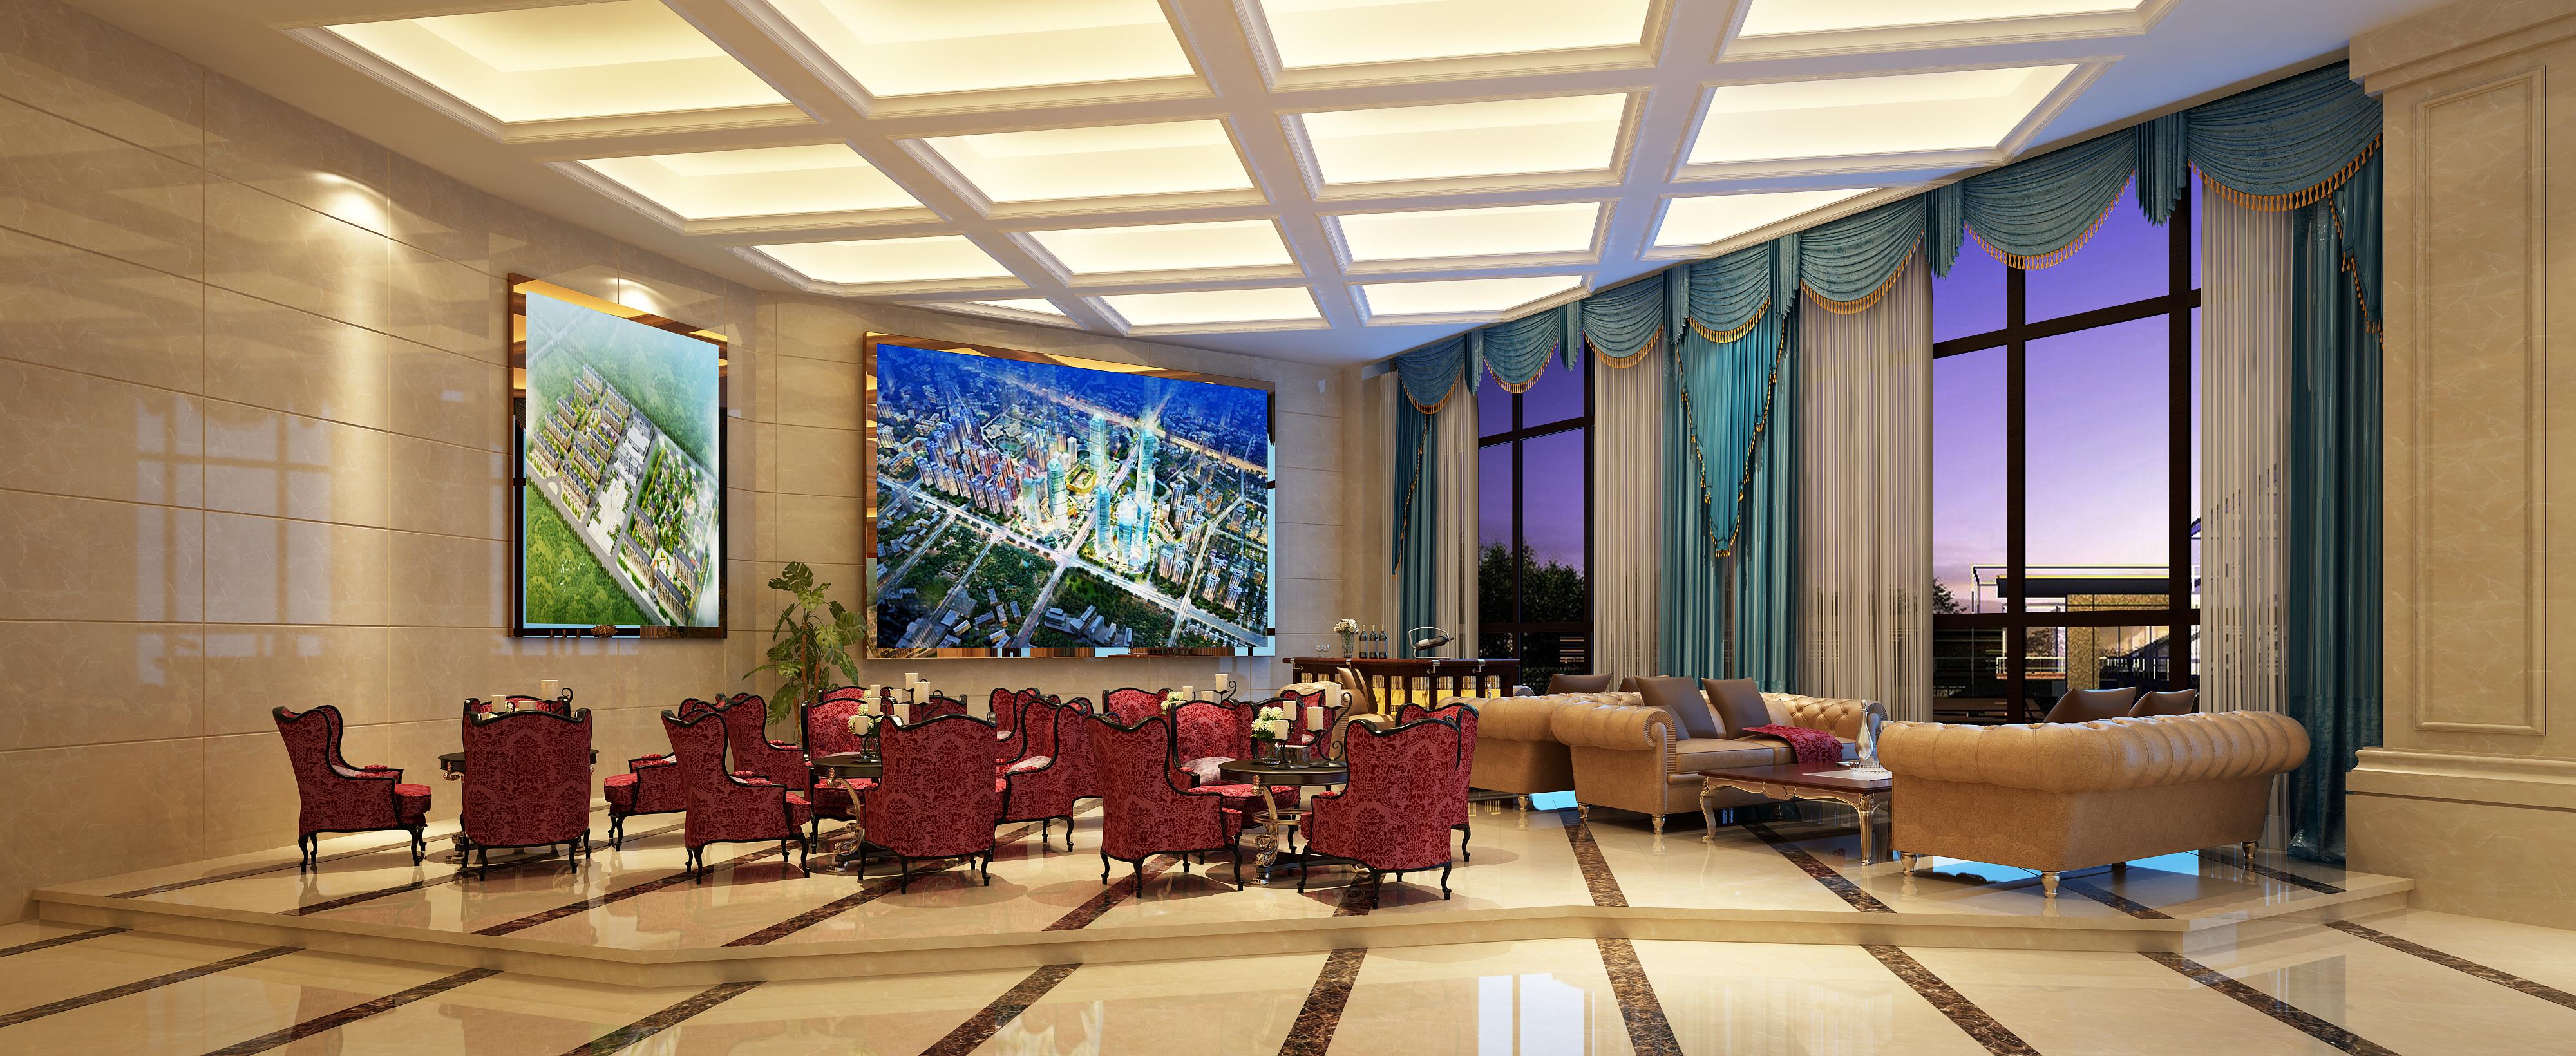 天津售楼部欧式风格装修效果图